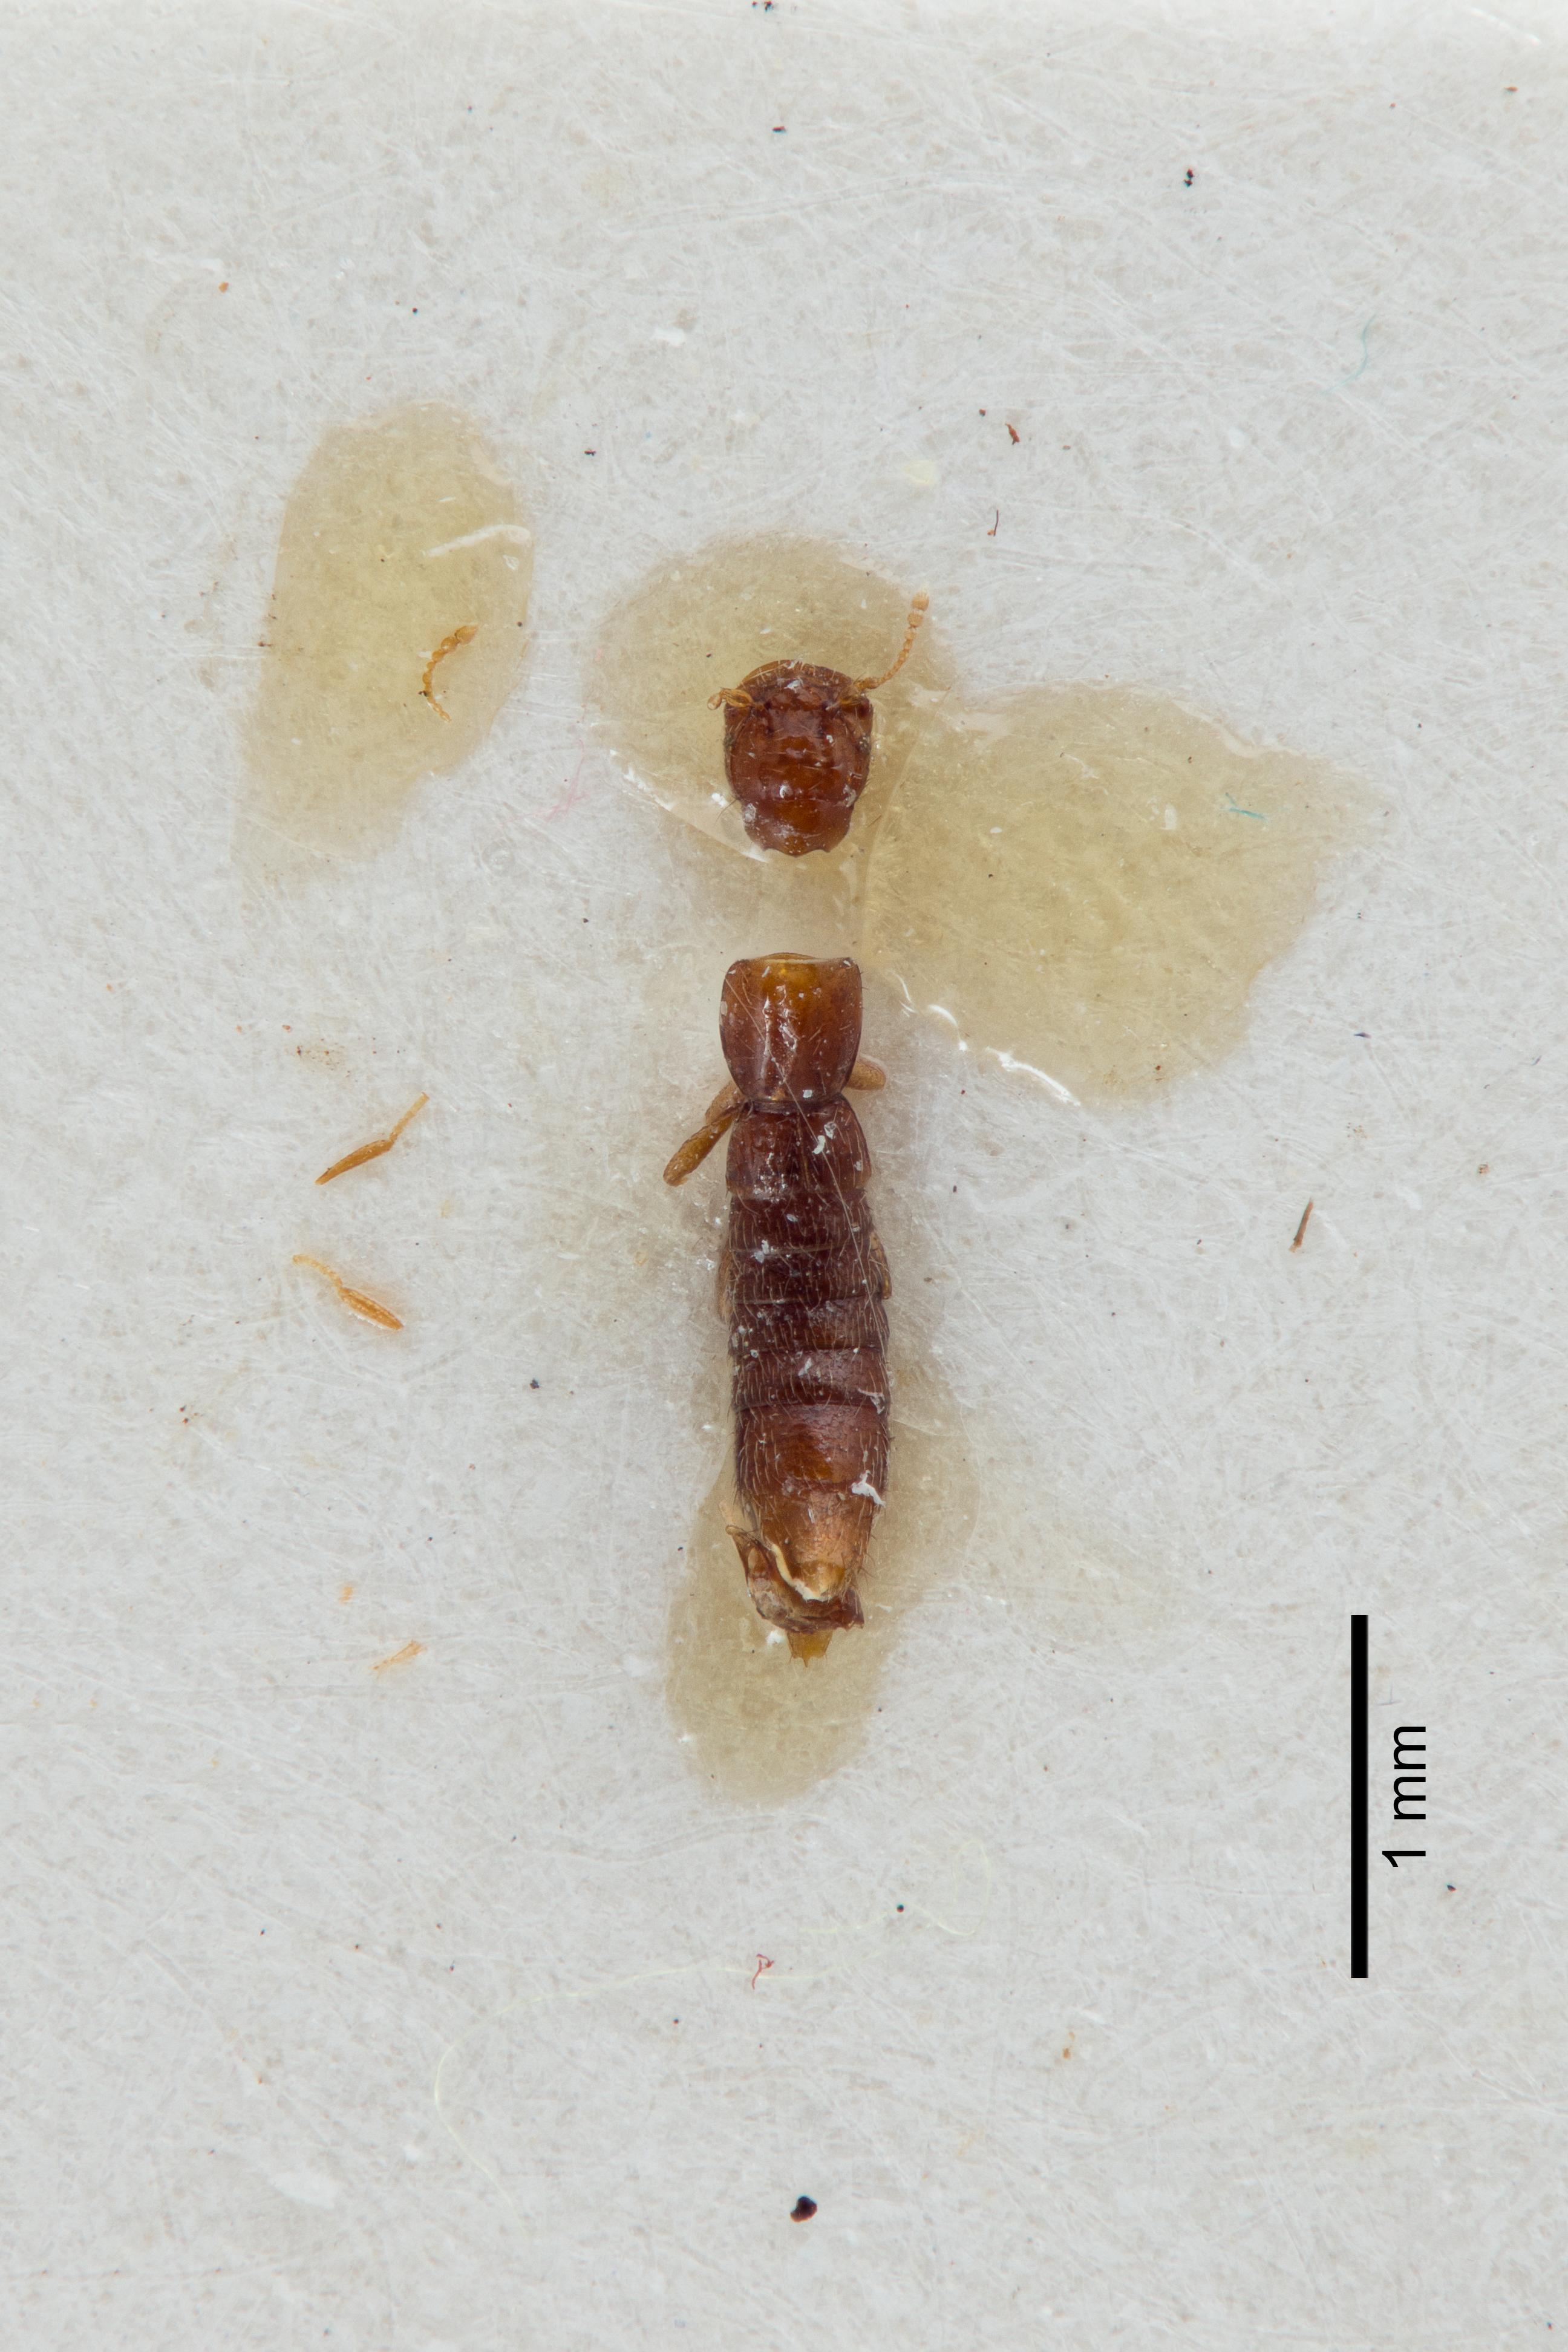 Image of Fenderia mendax